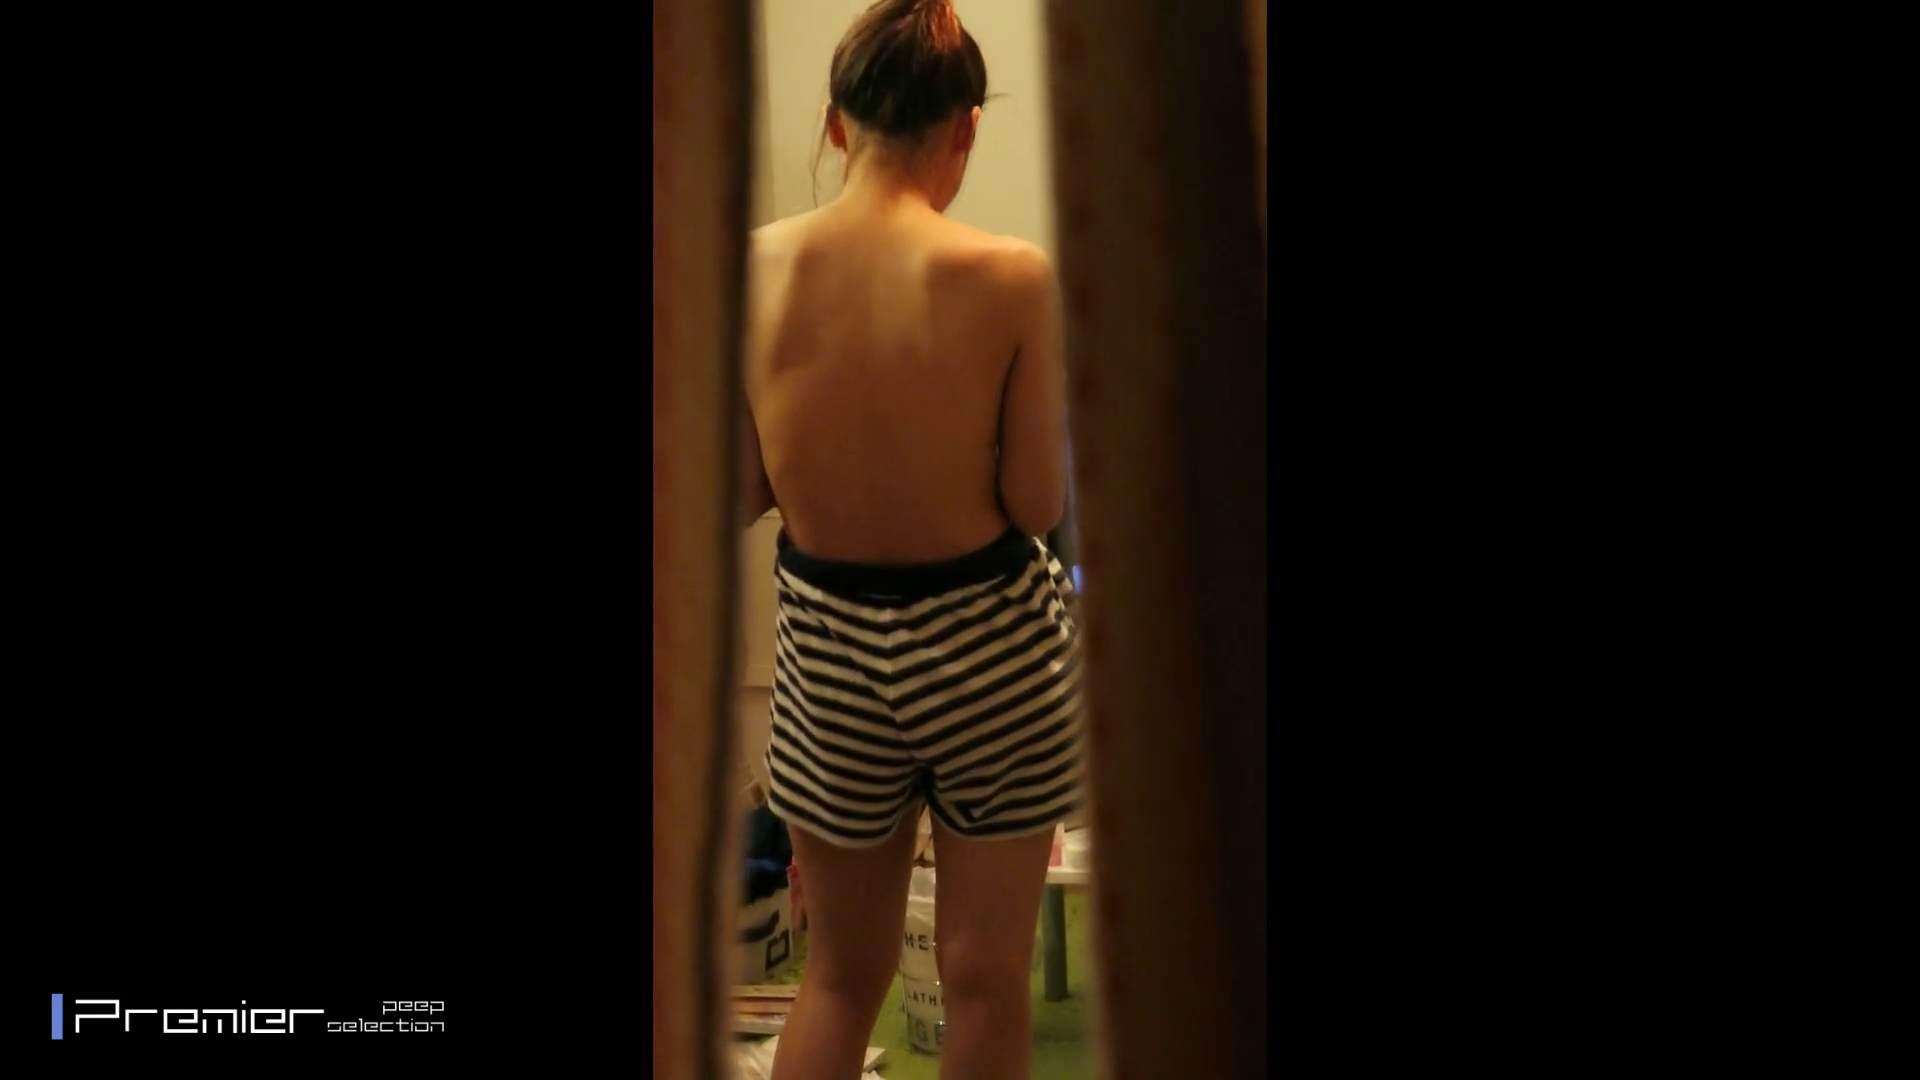 アダルトエロ動画|美女達の私生活に潜入!OL 達の私生活を覗き見|怪盗ジョーカー